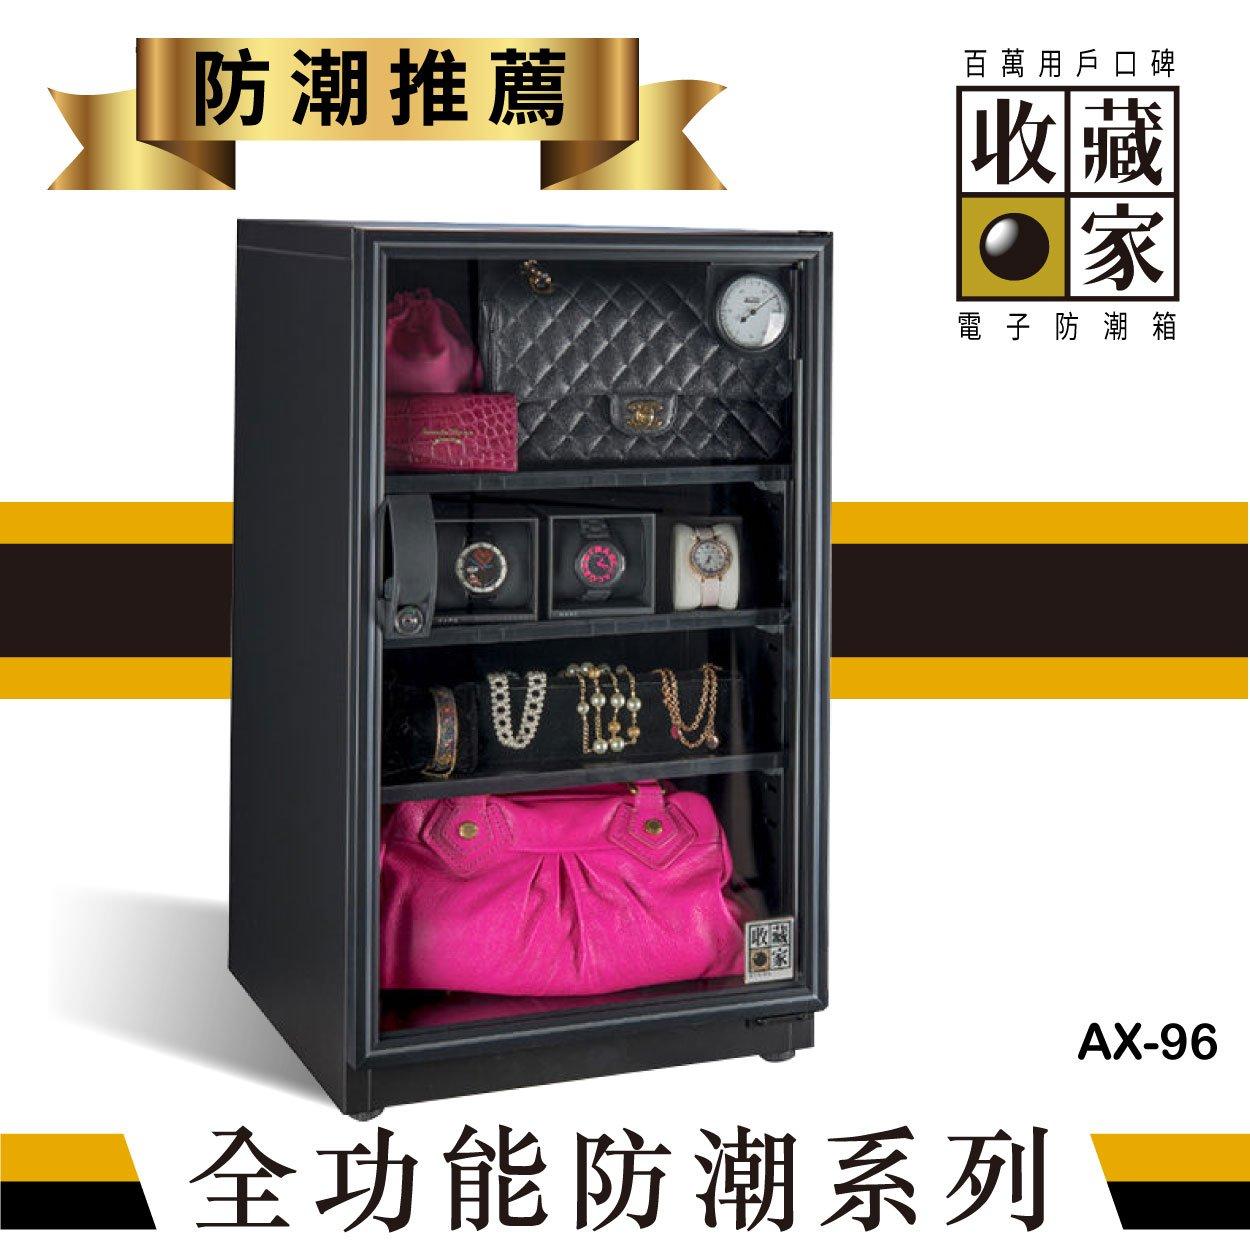 【必購網】收藏家 AX-96 大型除濕主機 型電子防潮箱(93公升) 乾糧 茶葉 防潮 餅乾 單眼 3C產品